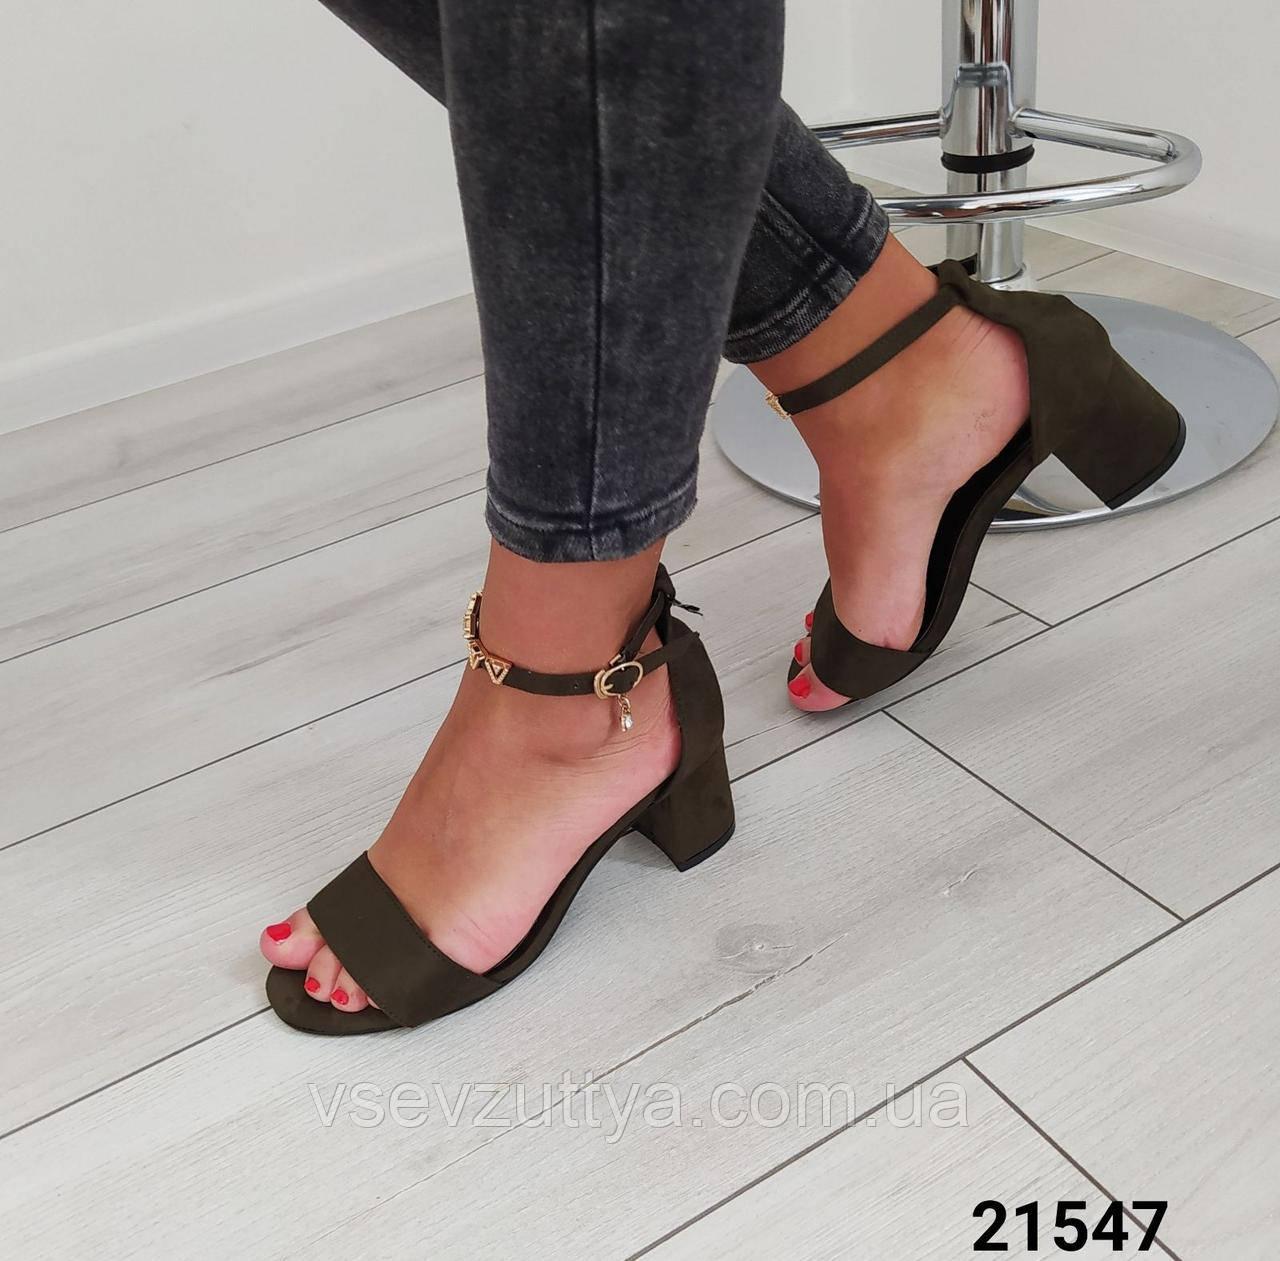 Босоніжки жіночі на каблуку